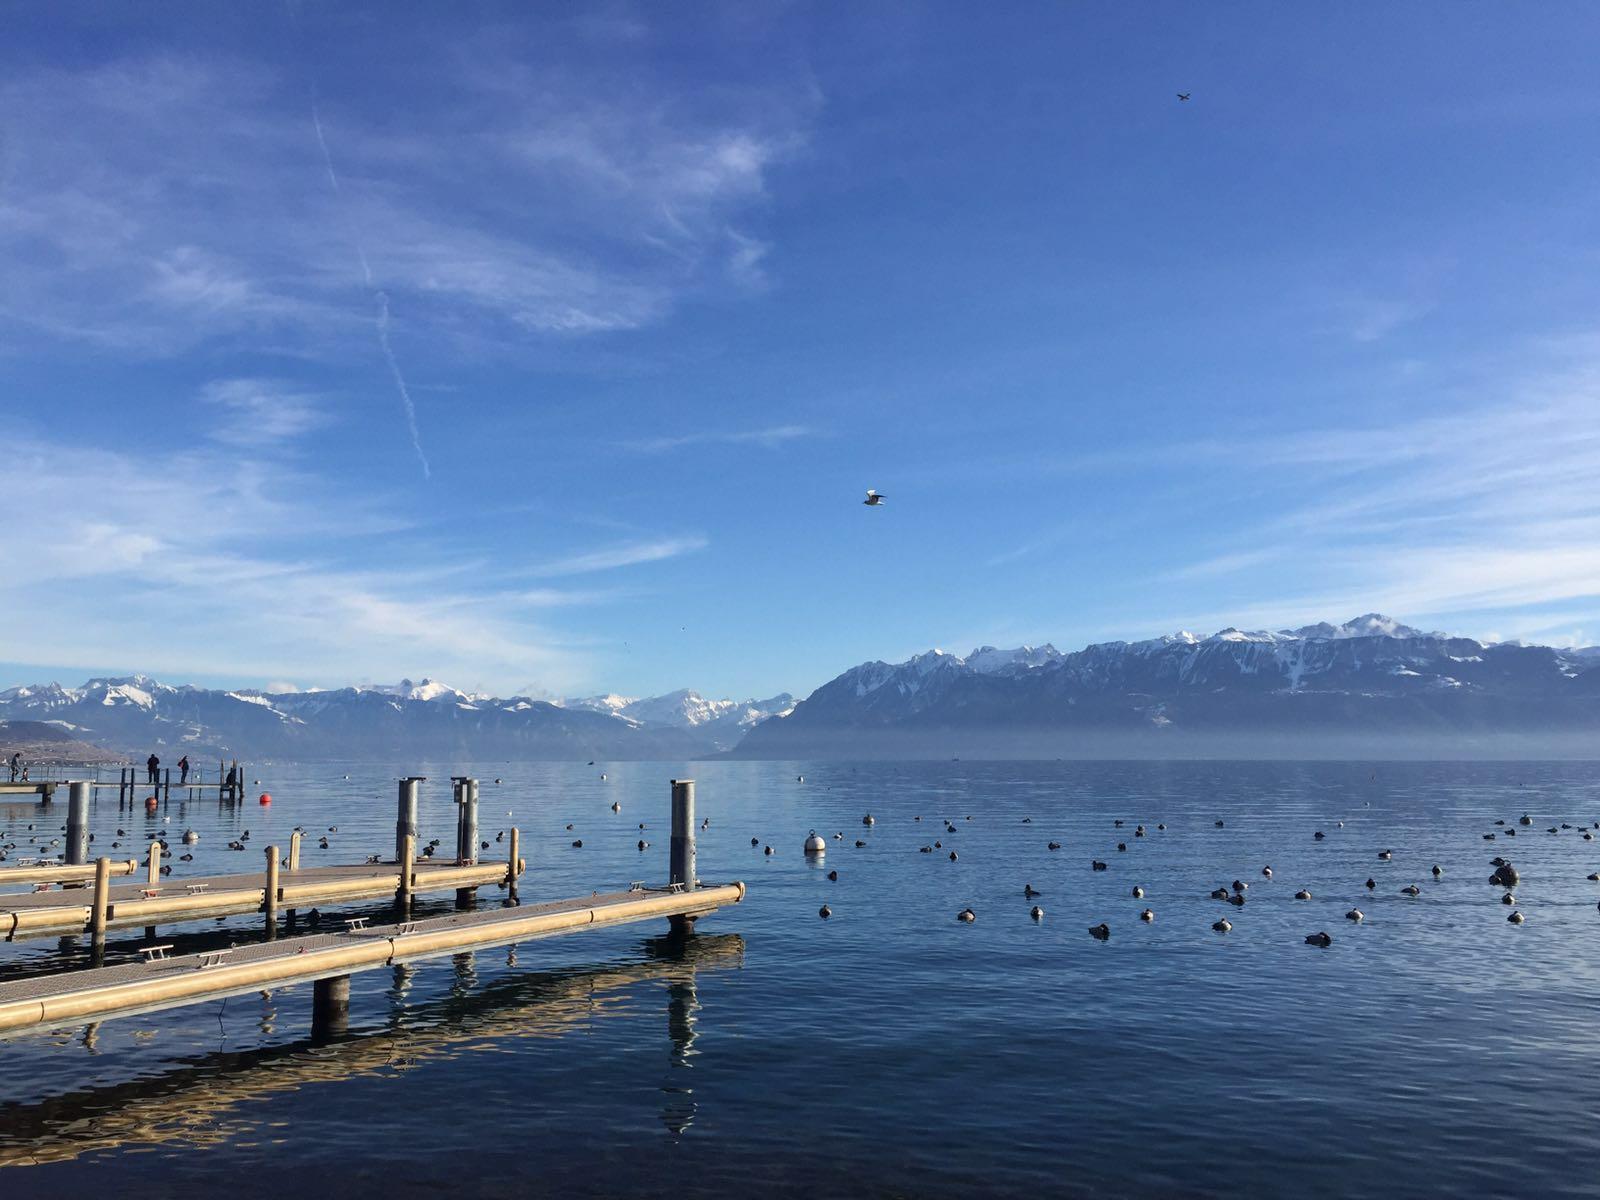 Genevenjärvi lumosi matkailijan täysin